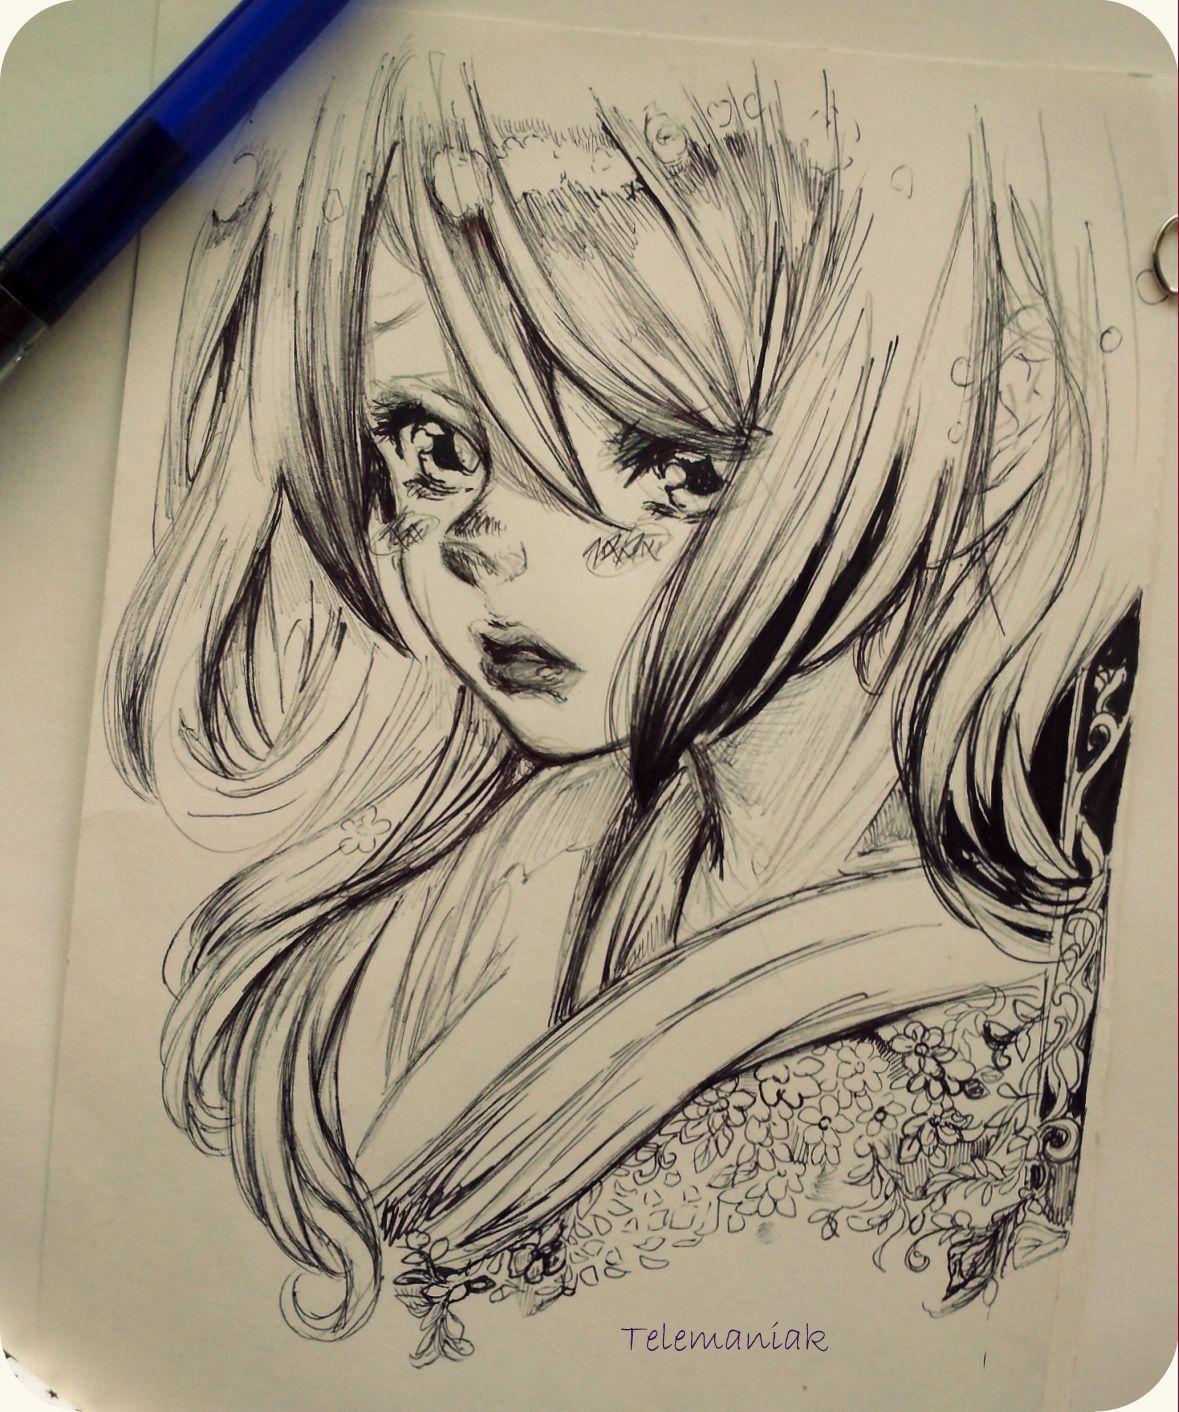 Manga By Telemaniakk Anime Drawings Manga 3d Pencil Drawings